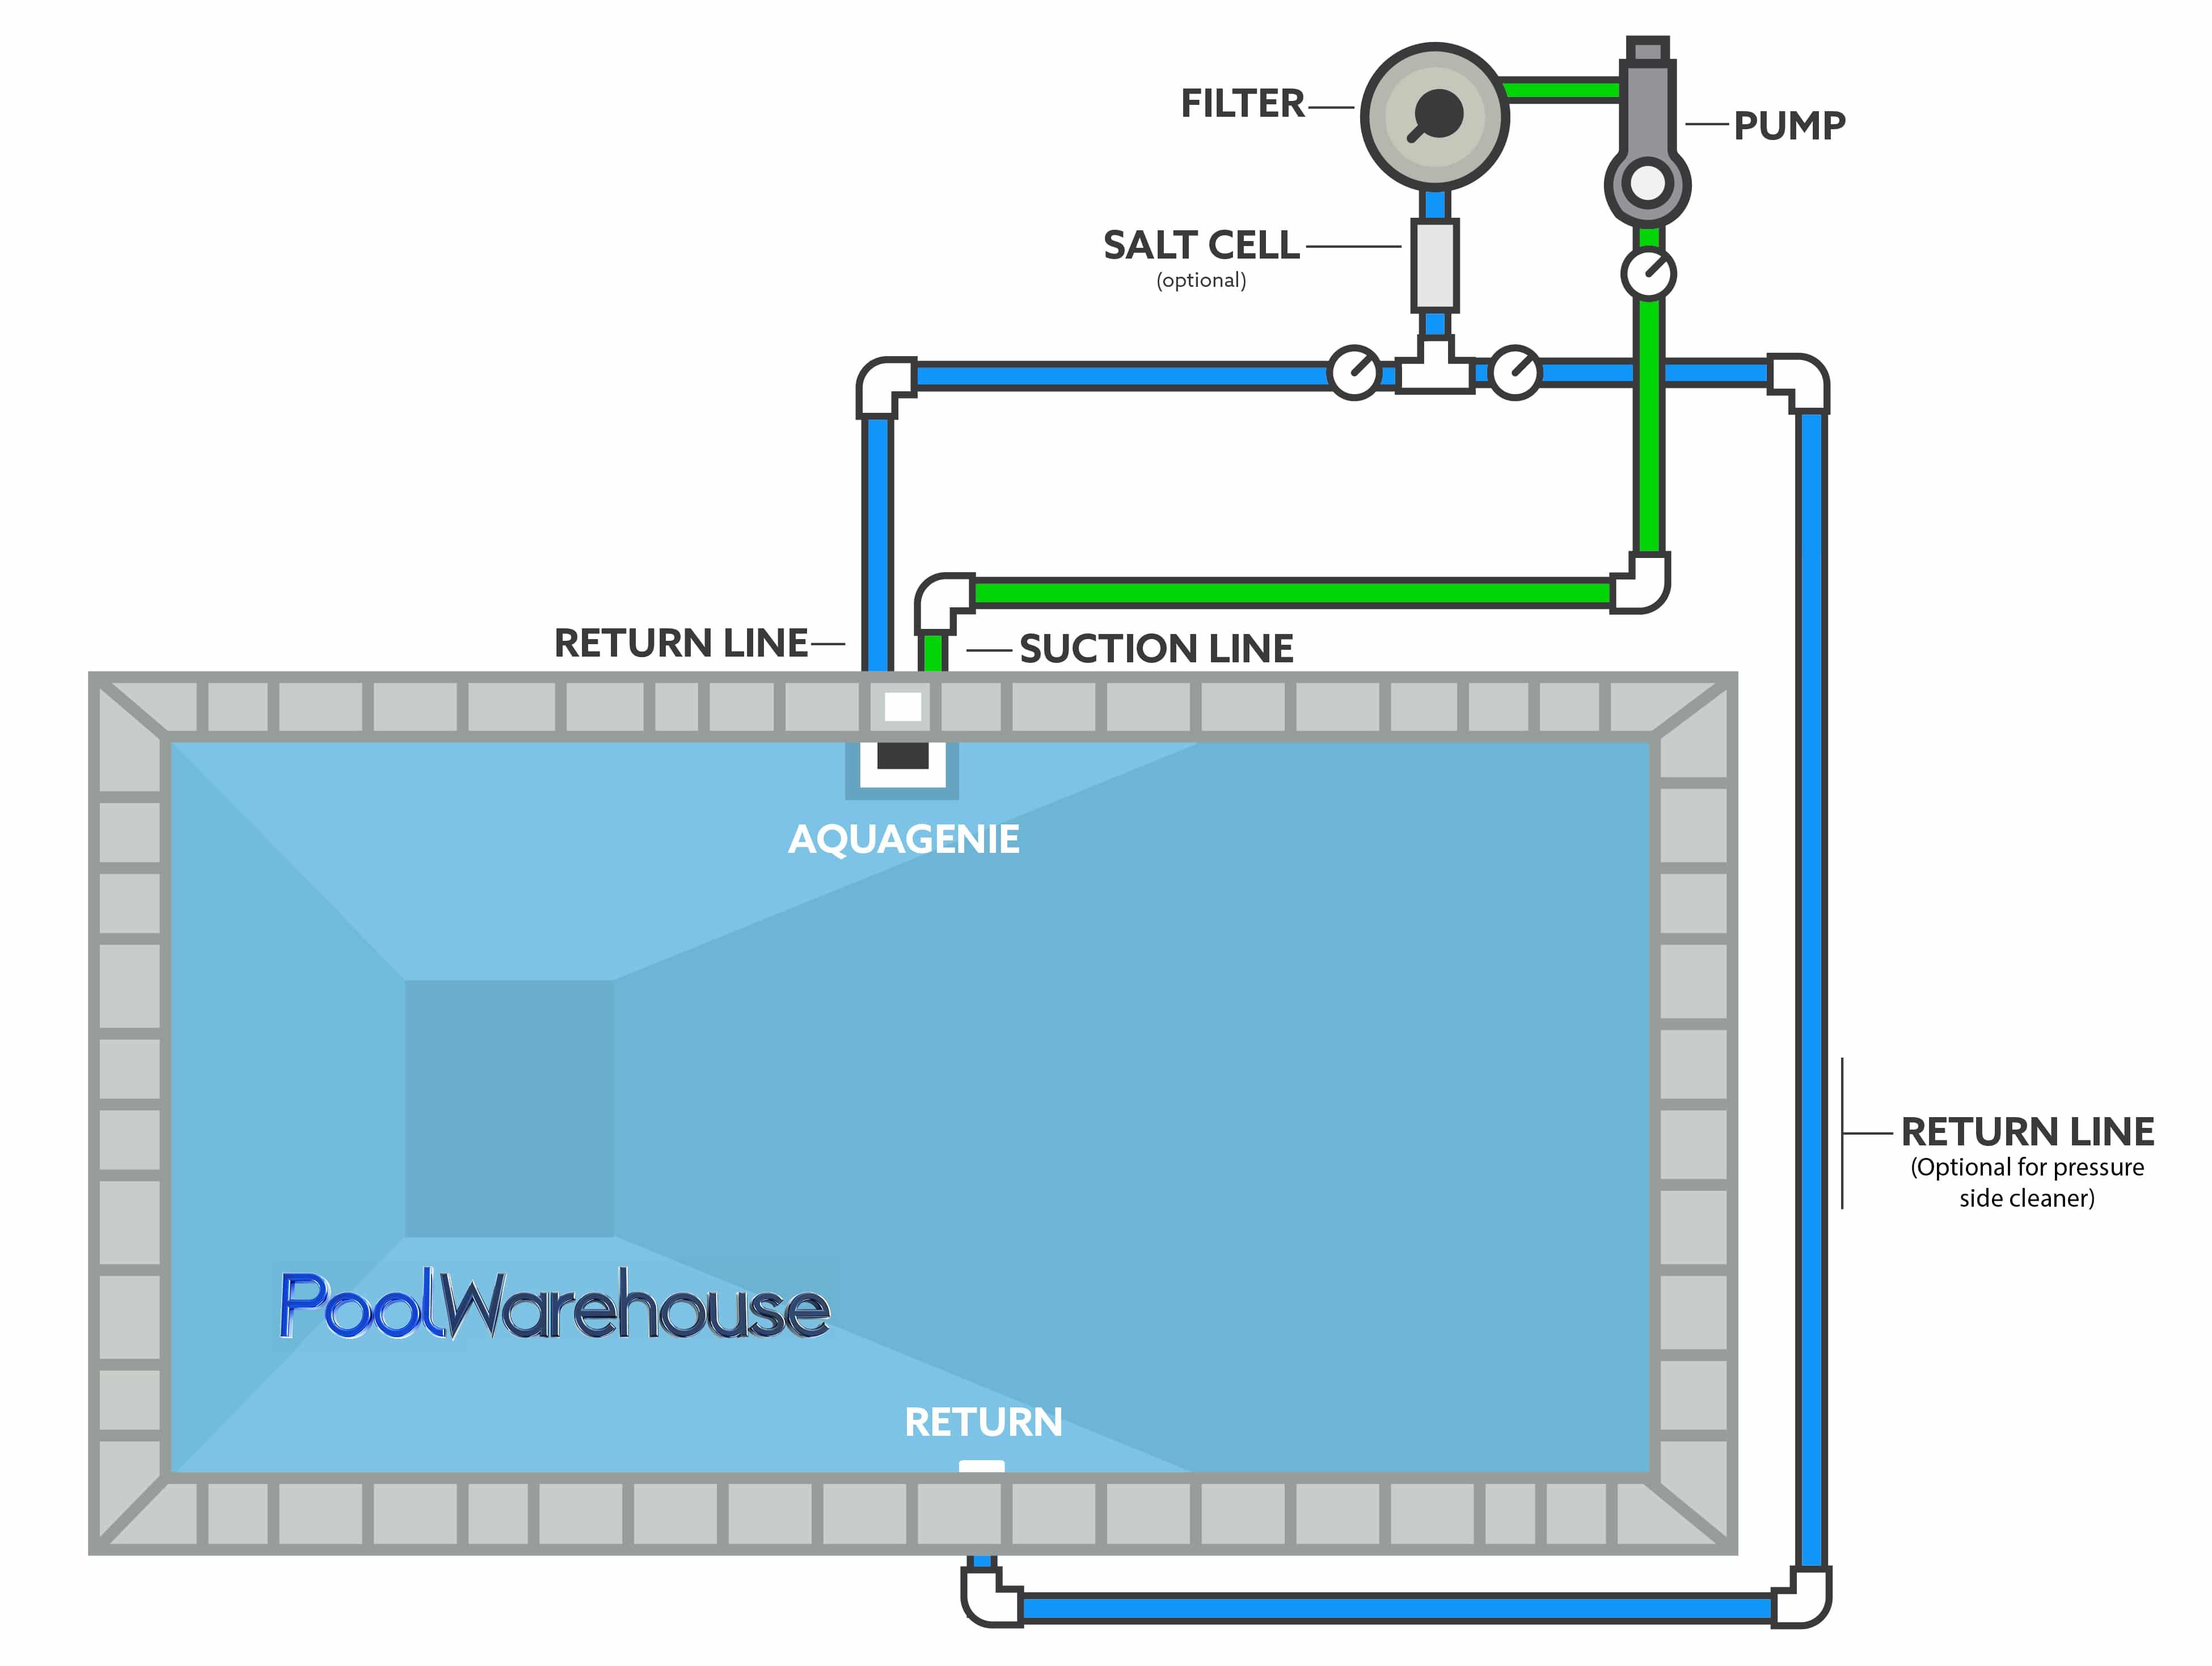 pool pump setup diagram single phase psc motor wiring above ground pools plumbing all data swimming diagrams inground kit layouts hayward